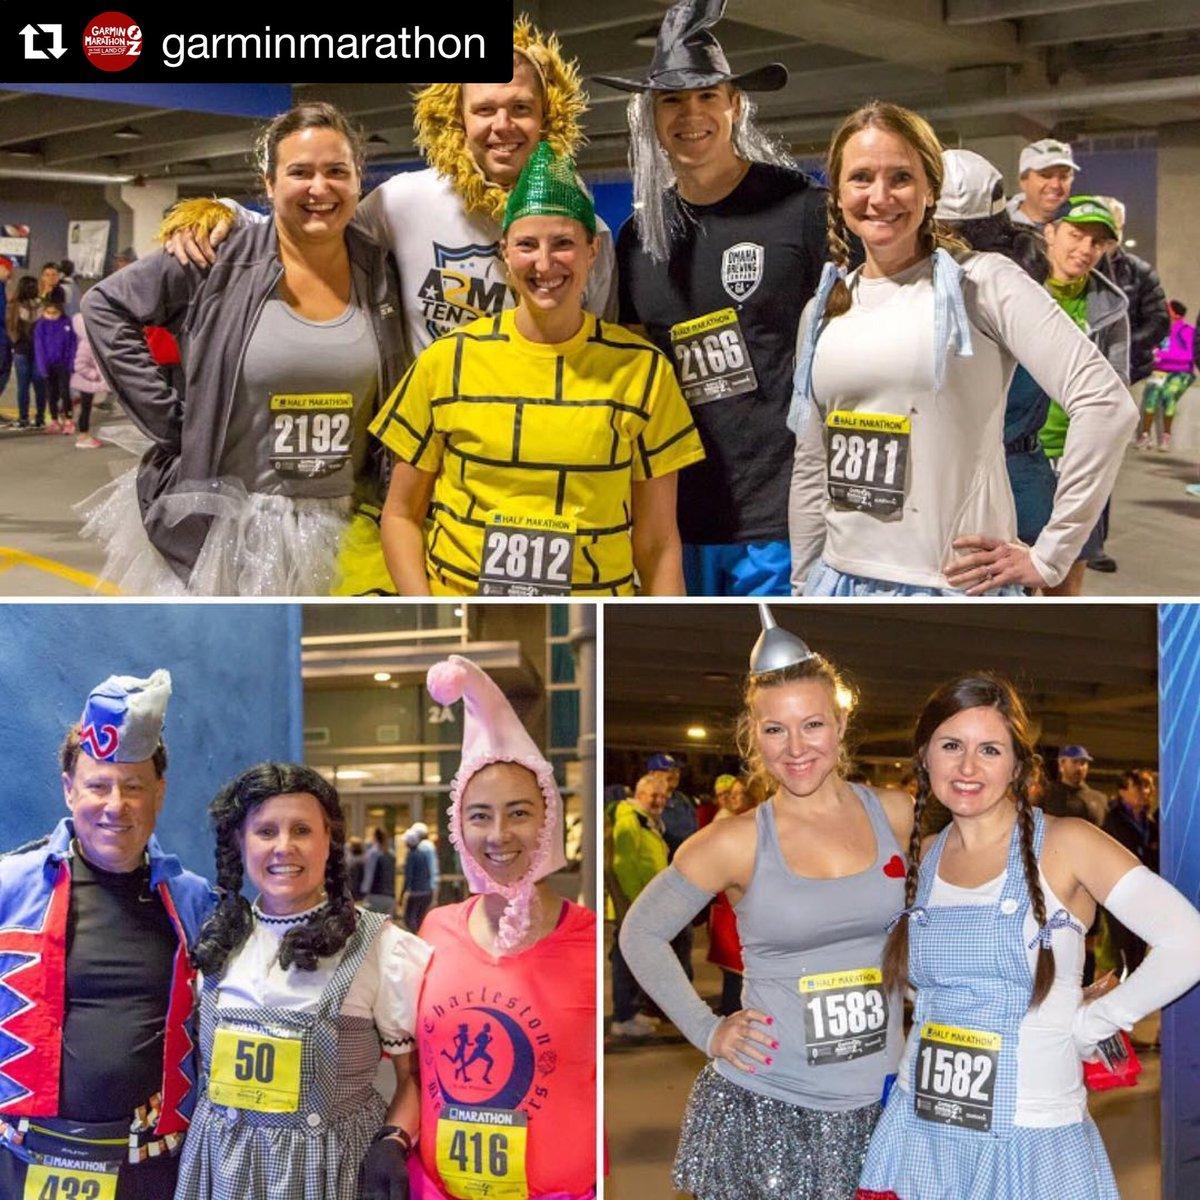 Garmin Marathon, Half & 10K 🏃 ♀️🏃 ♂️ (@GarminMarathon) | Twitter